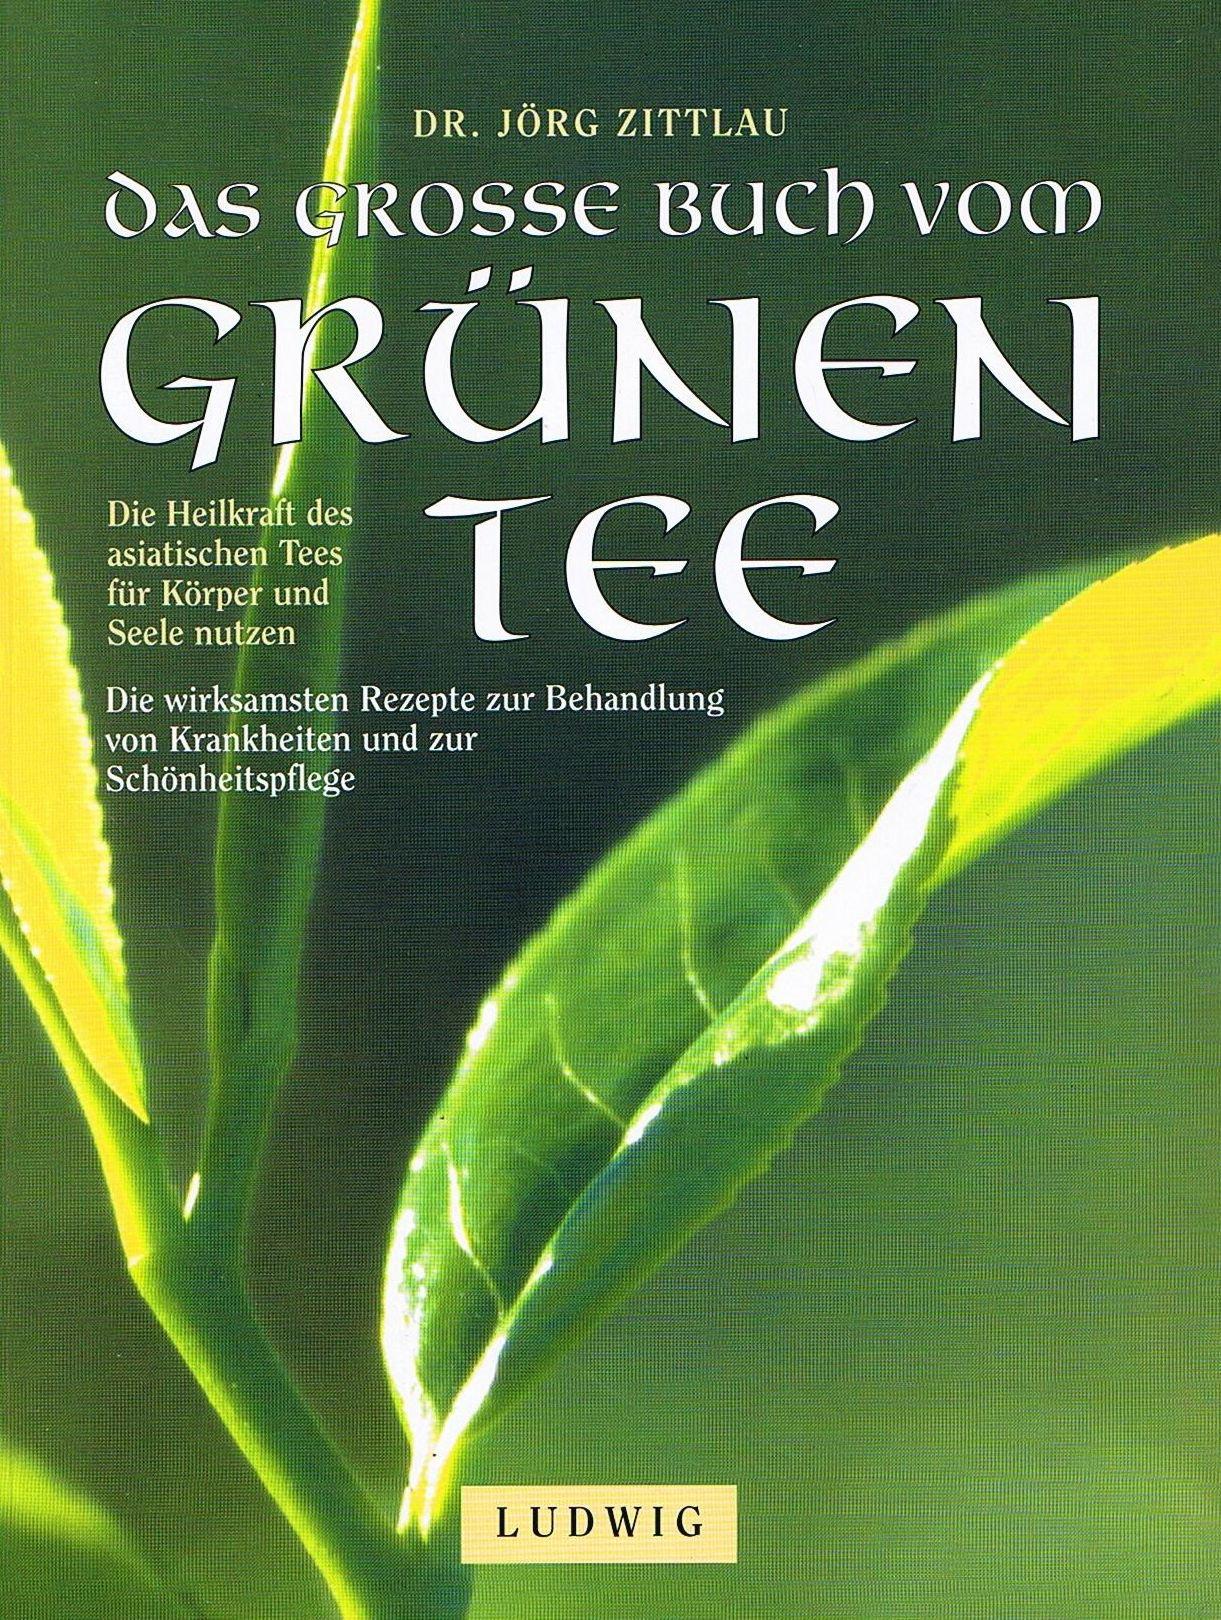 Das grosse Buch vom grünen Tee - Die Heilkraft des asiatischen Tees für Körper und Seele nutzen Taschenbuch – 2000 Jörg Zittlau Ludwig 377873895X Ratgeber Gesundheit